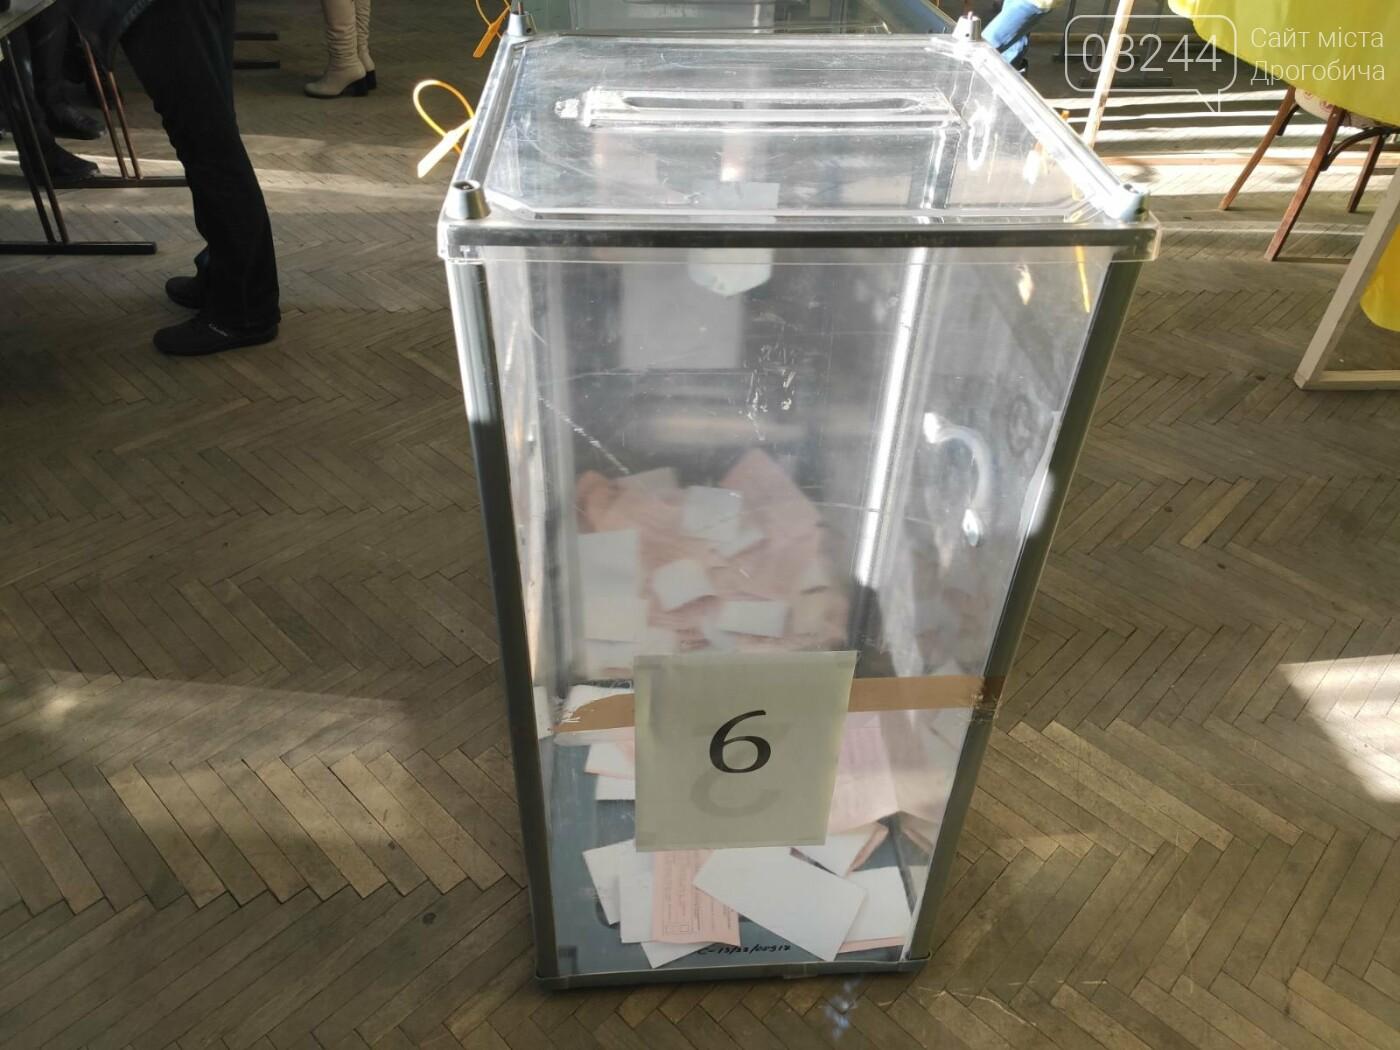 Соціологічна група «Рейтинг» вдруге у Дрогобичі проводить екзит-пол на виборах, - ФОТО, фото-15